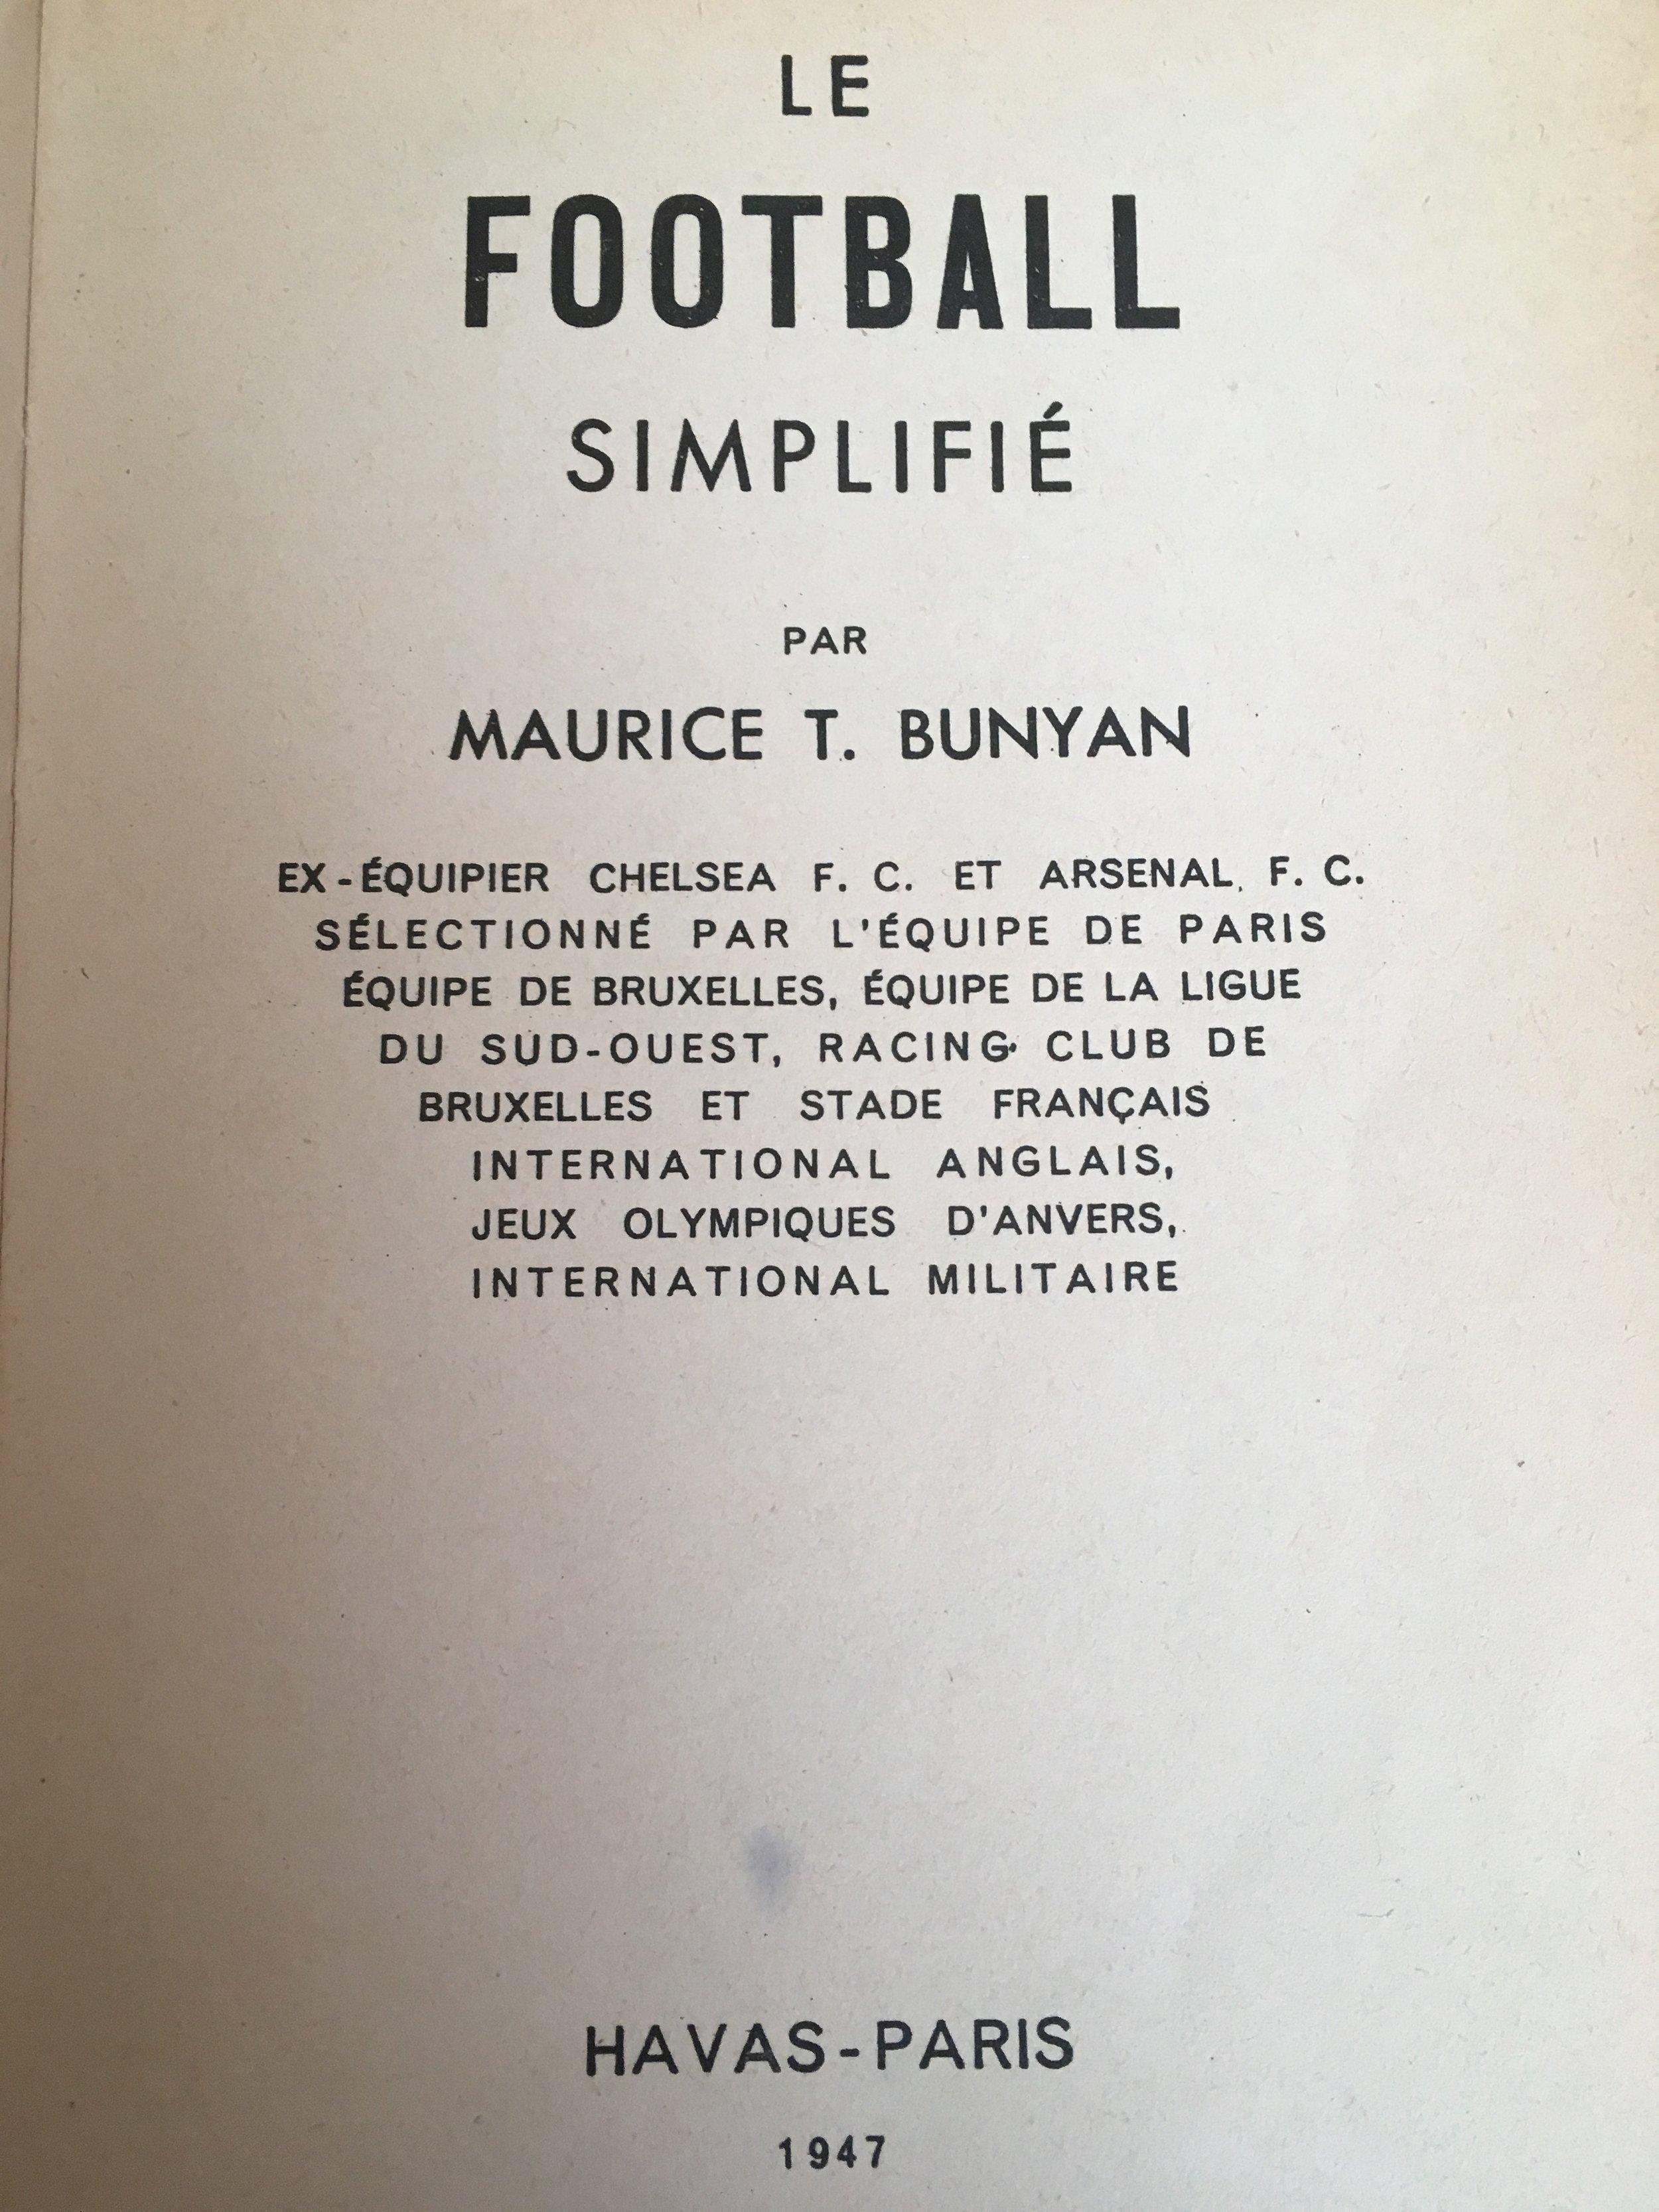 A summary of Maurice's career til 1947